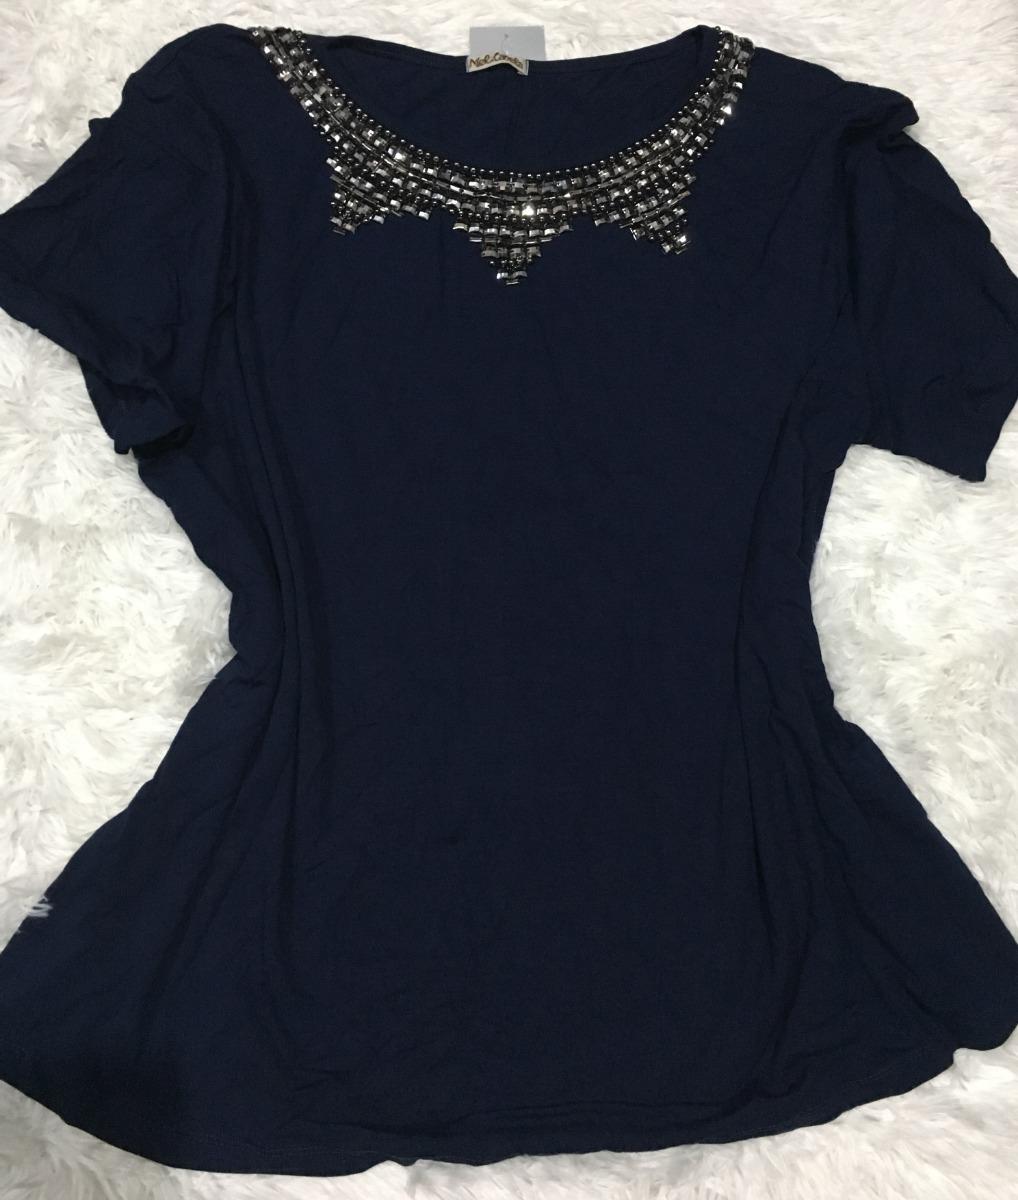 f63284b460 blusa feminina plusize malha verão roupas femininas bordada. Carregando  zoom.